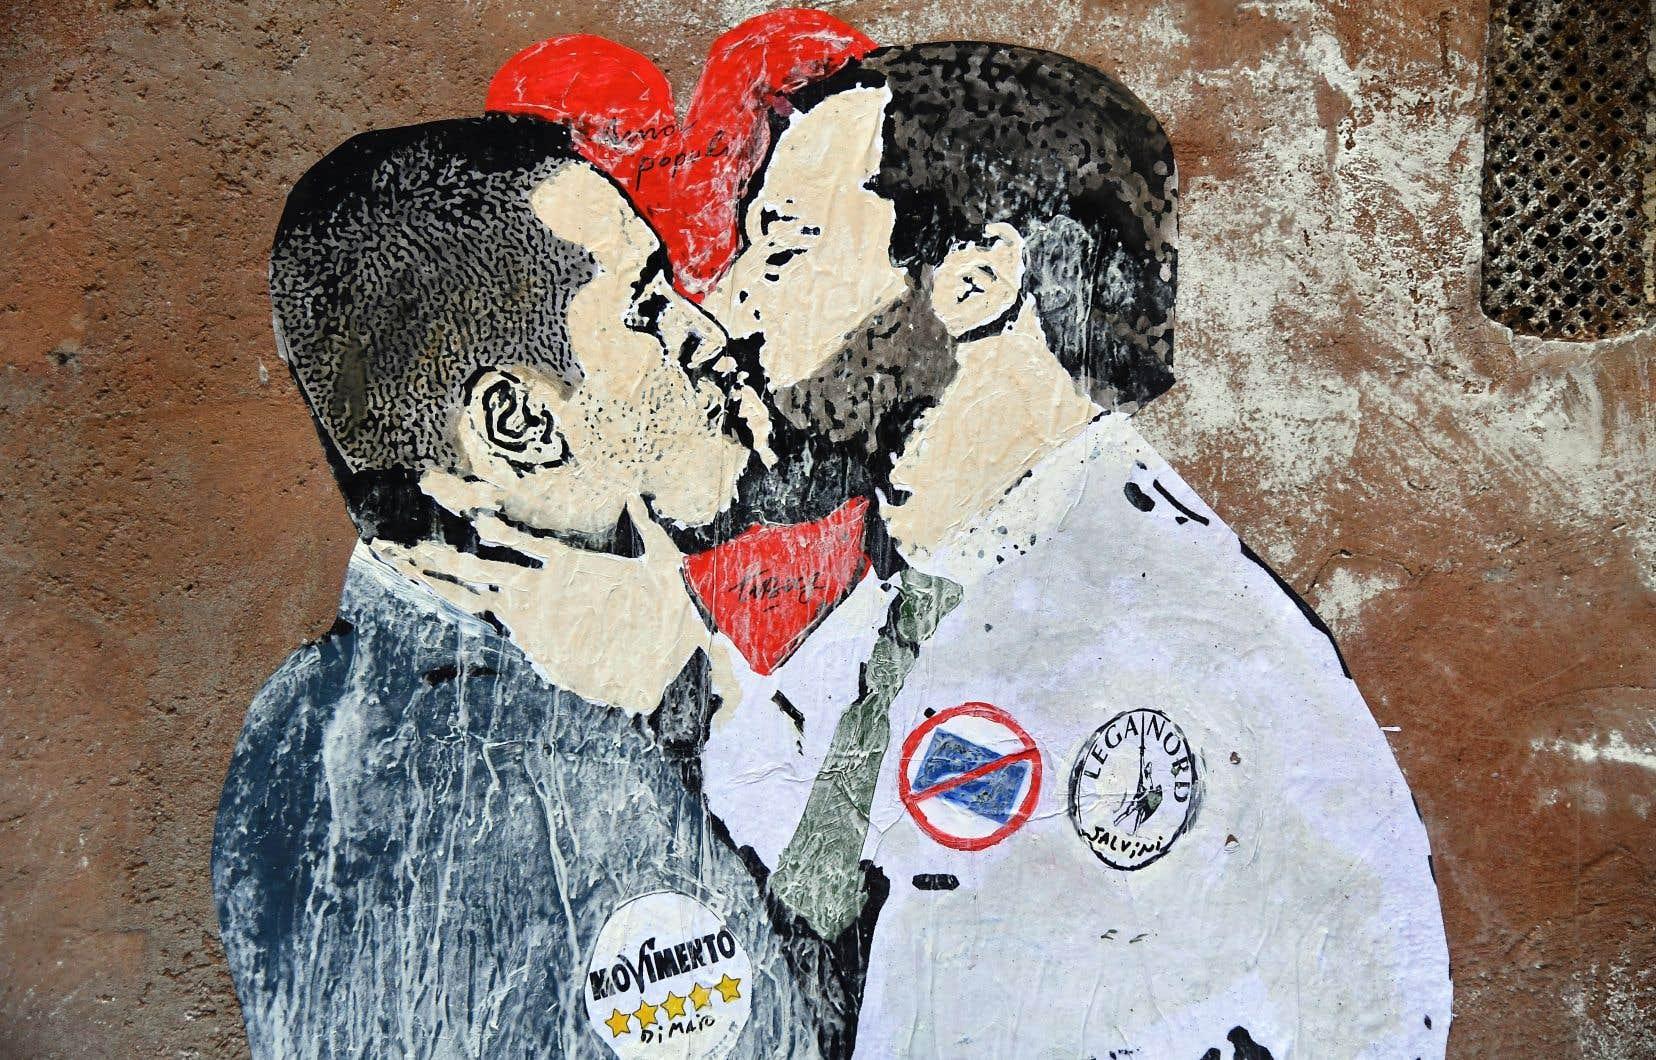 Une murale de l'artiste TVBOY, à Rome, dépeint le leader du Mouvement 5 étoiles, Luigi Di Maio, embrassant le chef de la Ligue d'extrême droite, Matteo Salvini.